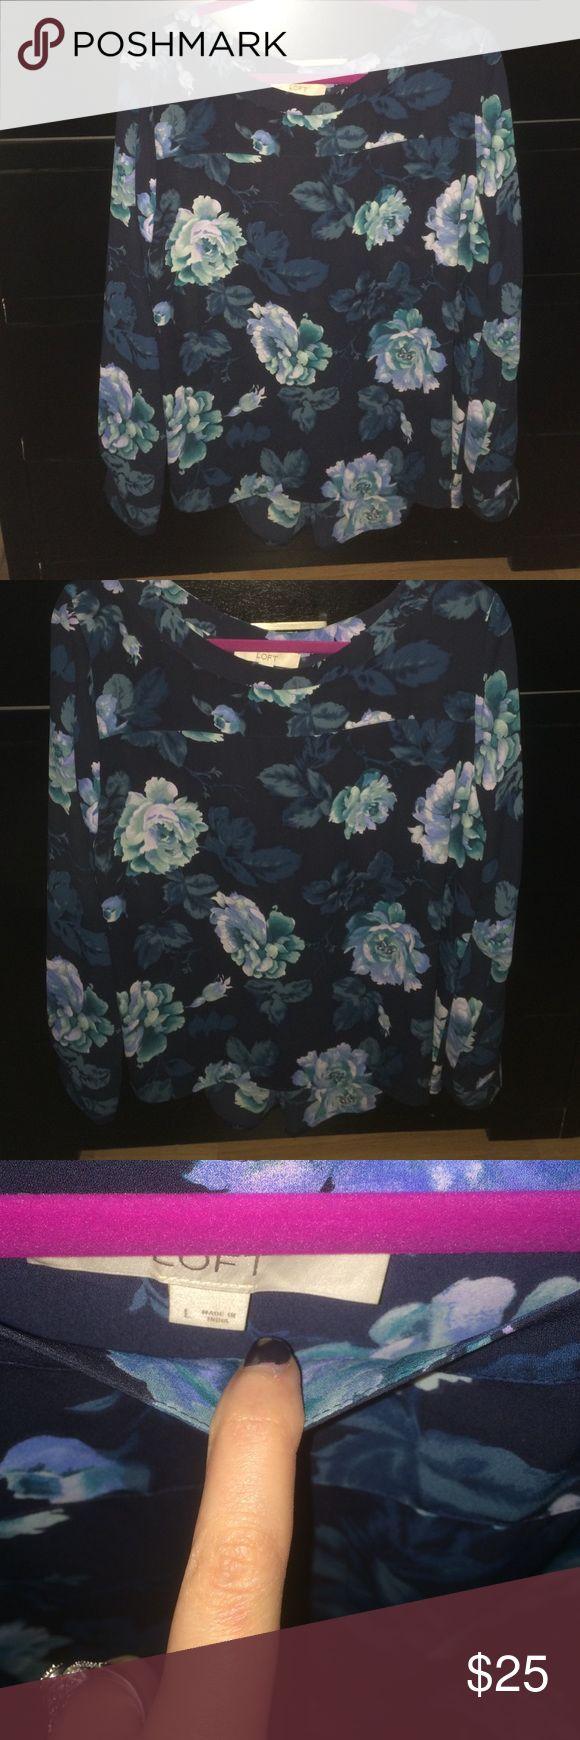 Brand new Ann Taylor Loft blouse💠 Never been worn Anne Taylor loft blouse LOFT Tops Blouses